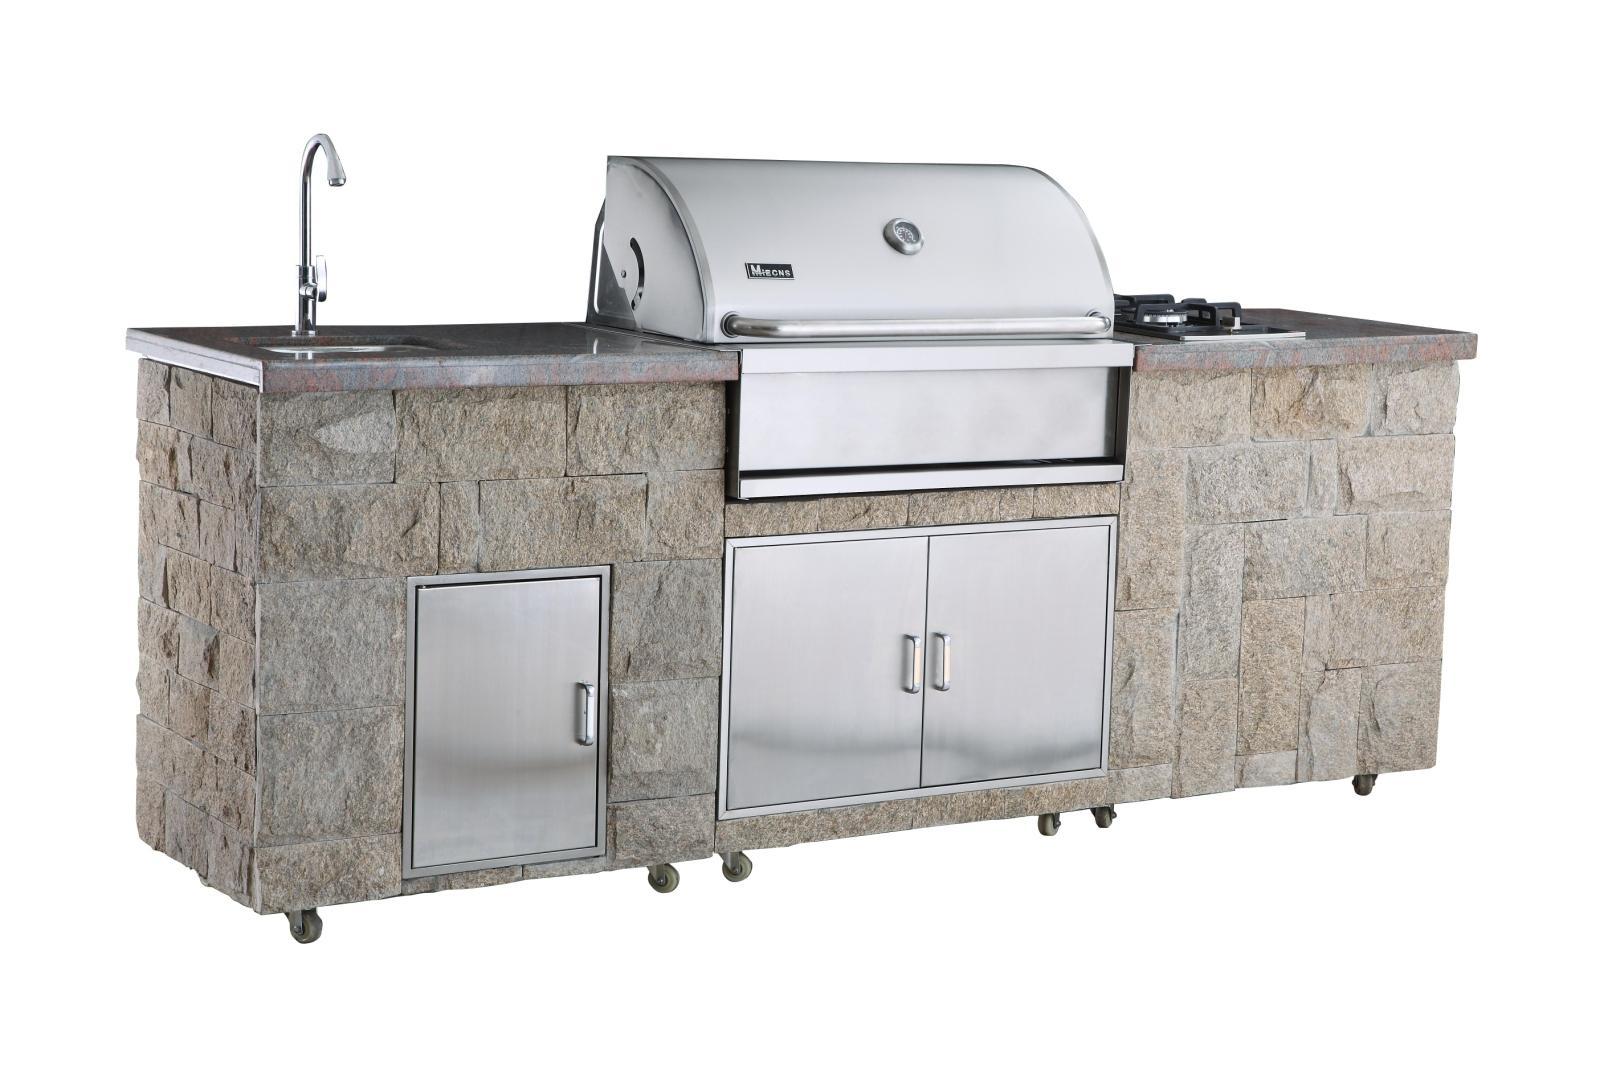 美诺仕烧烤台户外烧烤炉A315S-BM-T